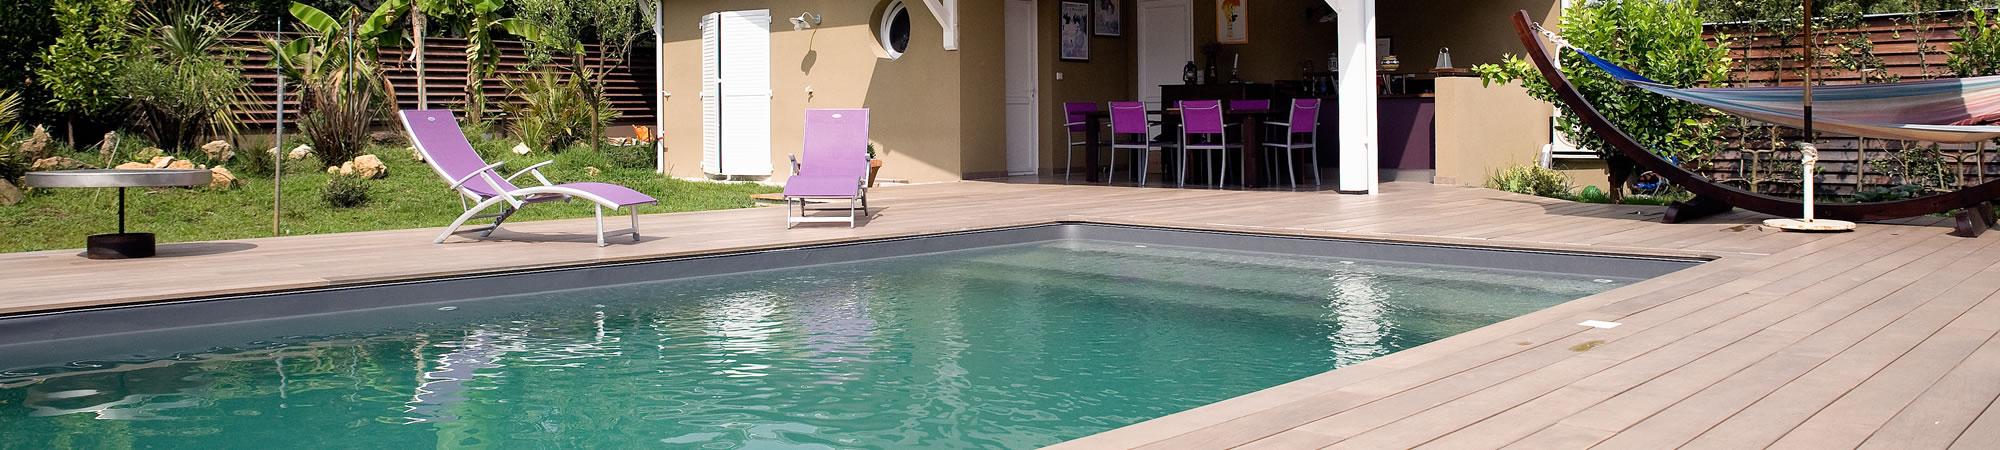 brettes piscine constructeur piscine bordeaux